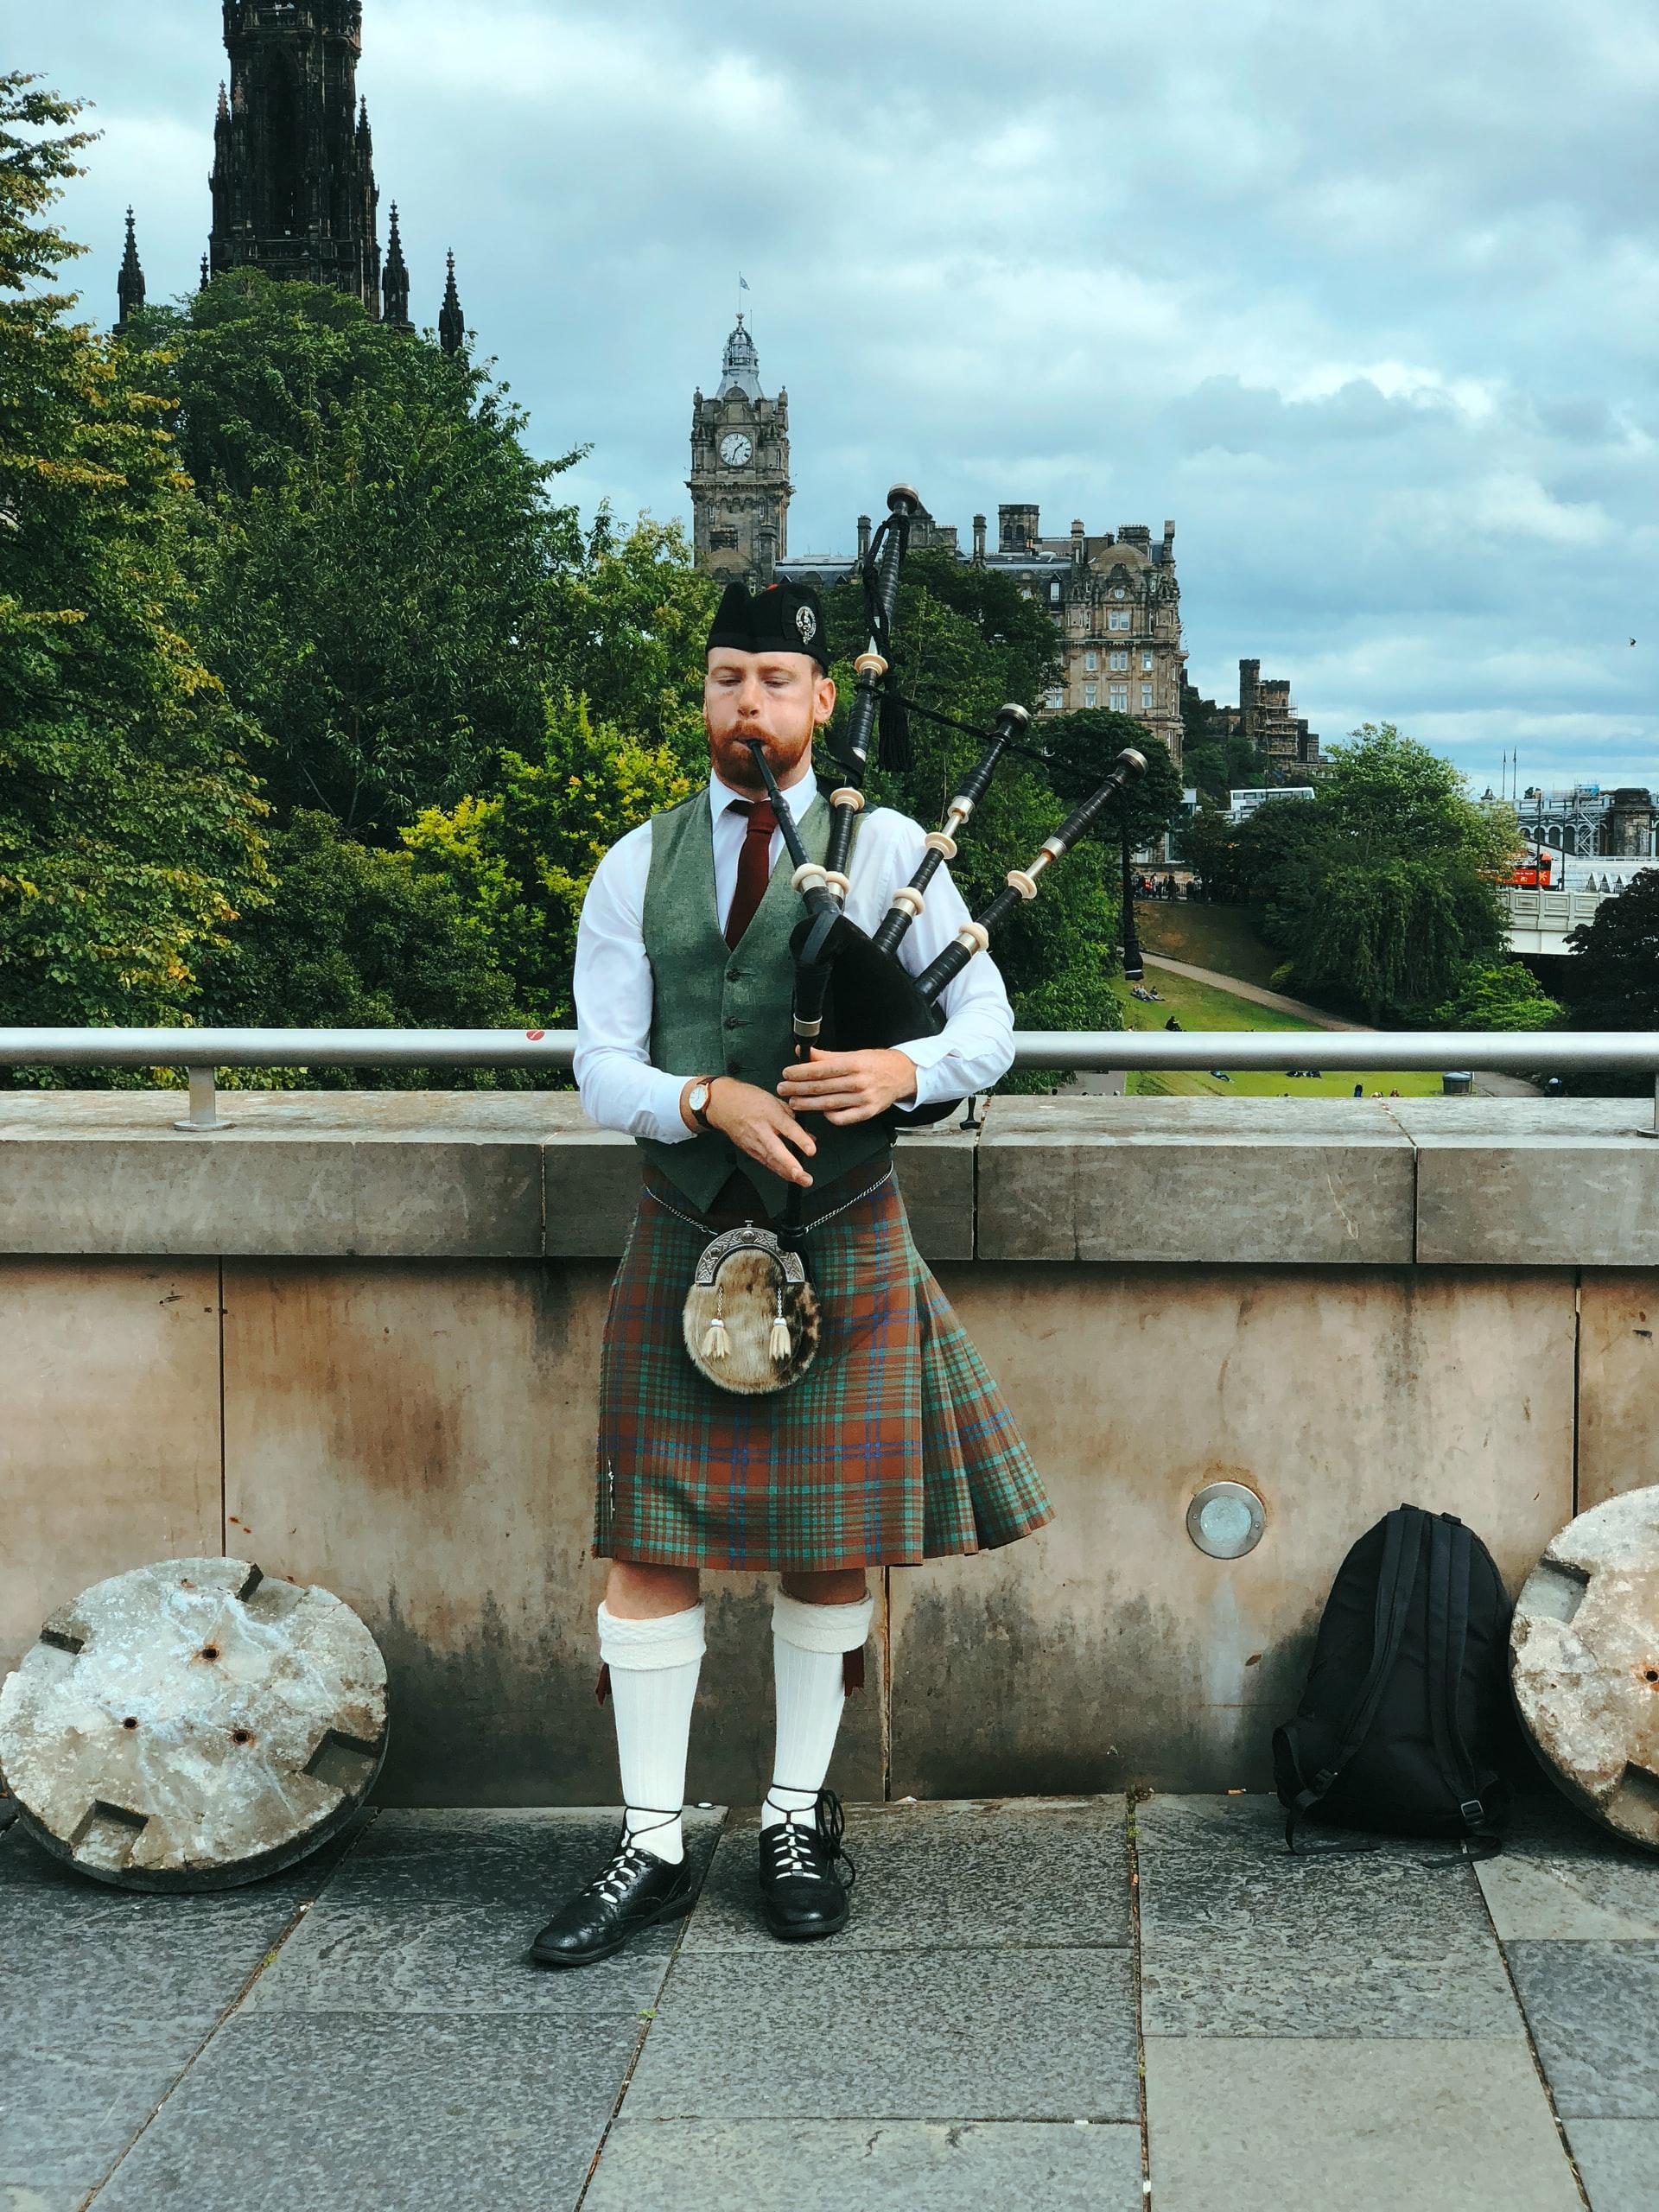 Destination wedding in Scotland